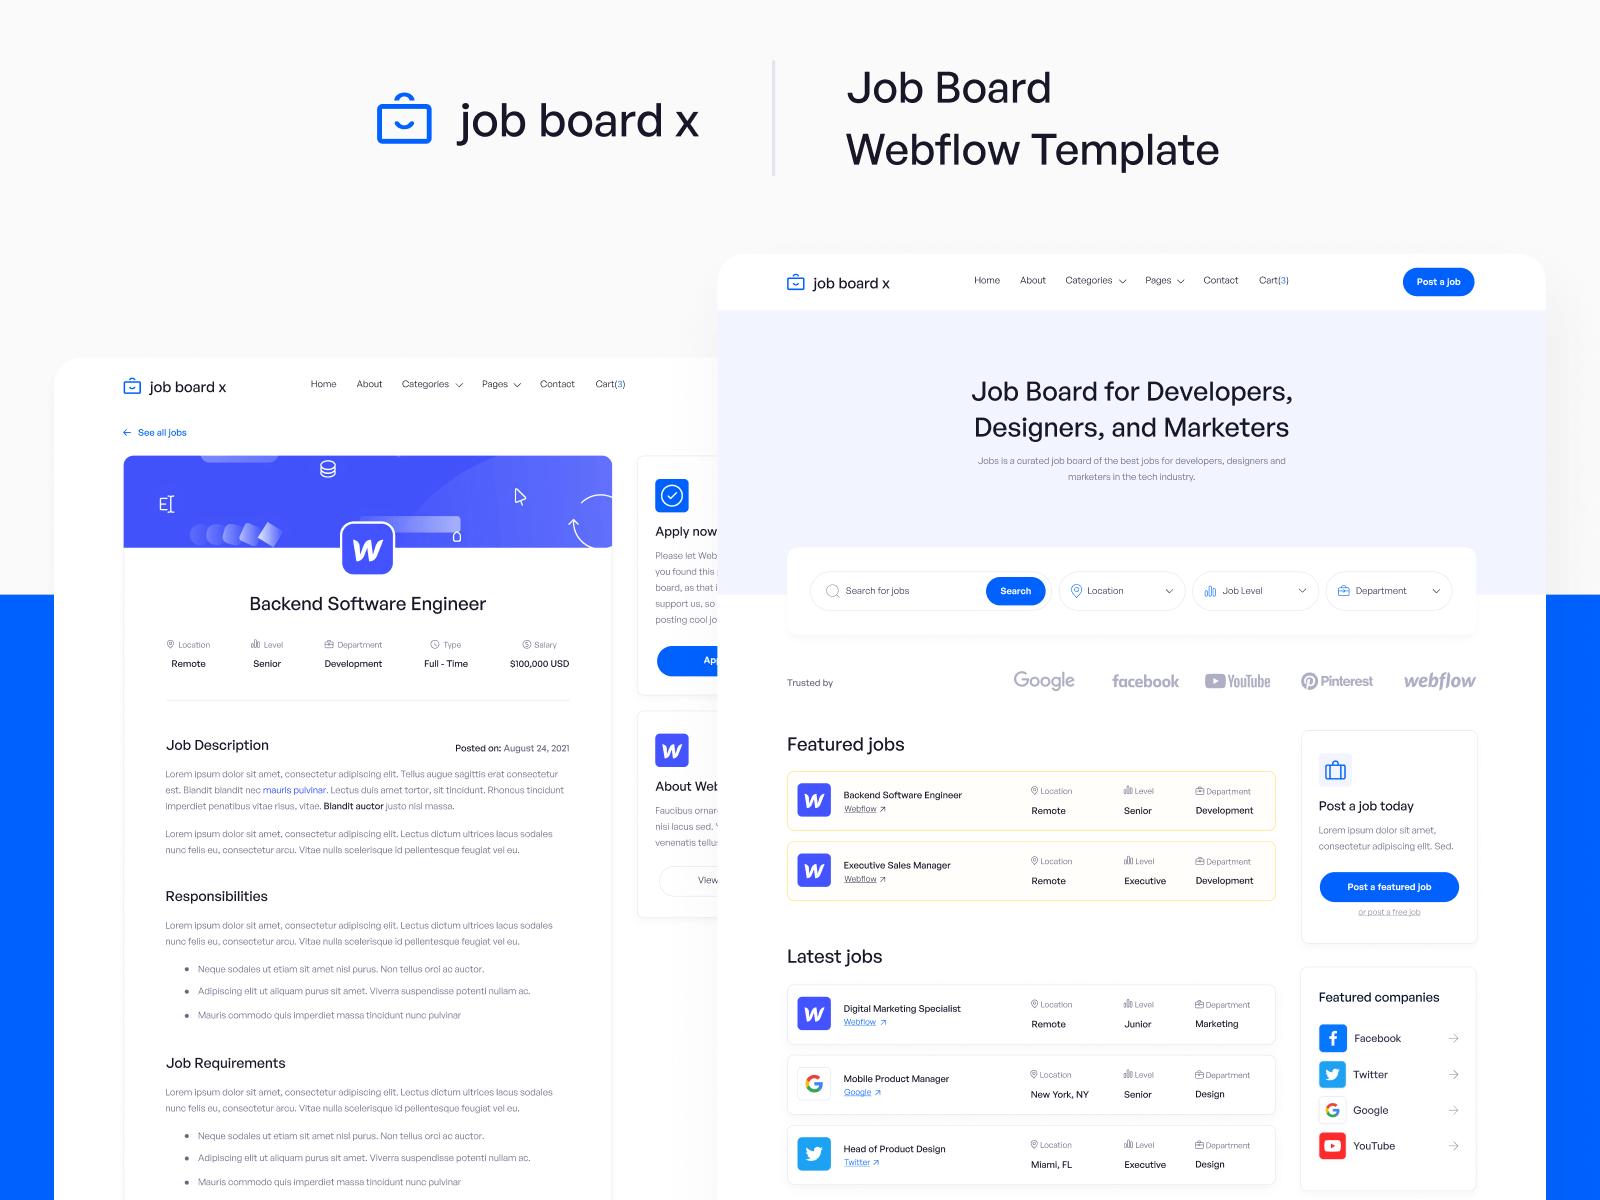 Job Board Webflow Website Template